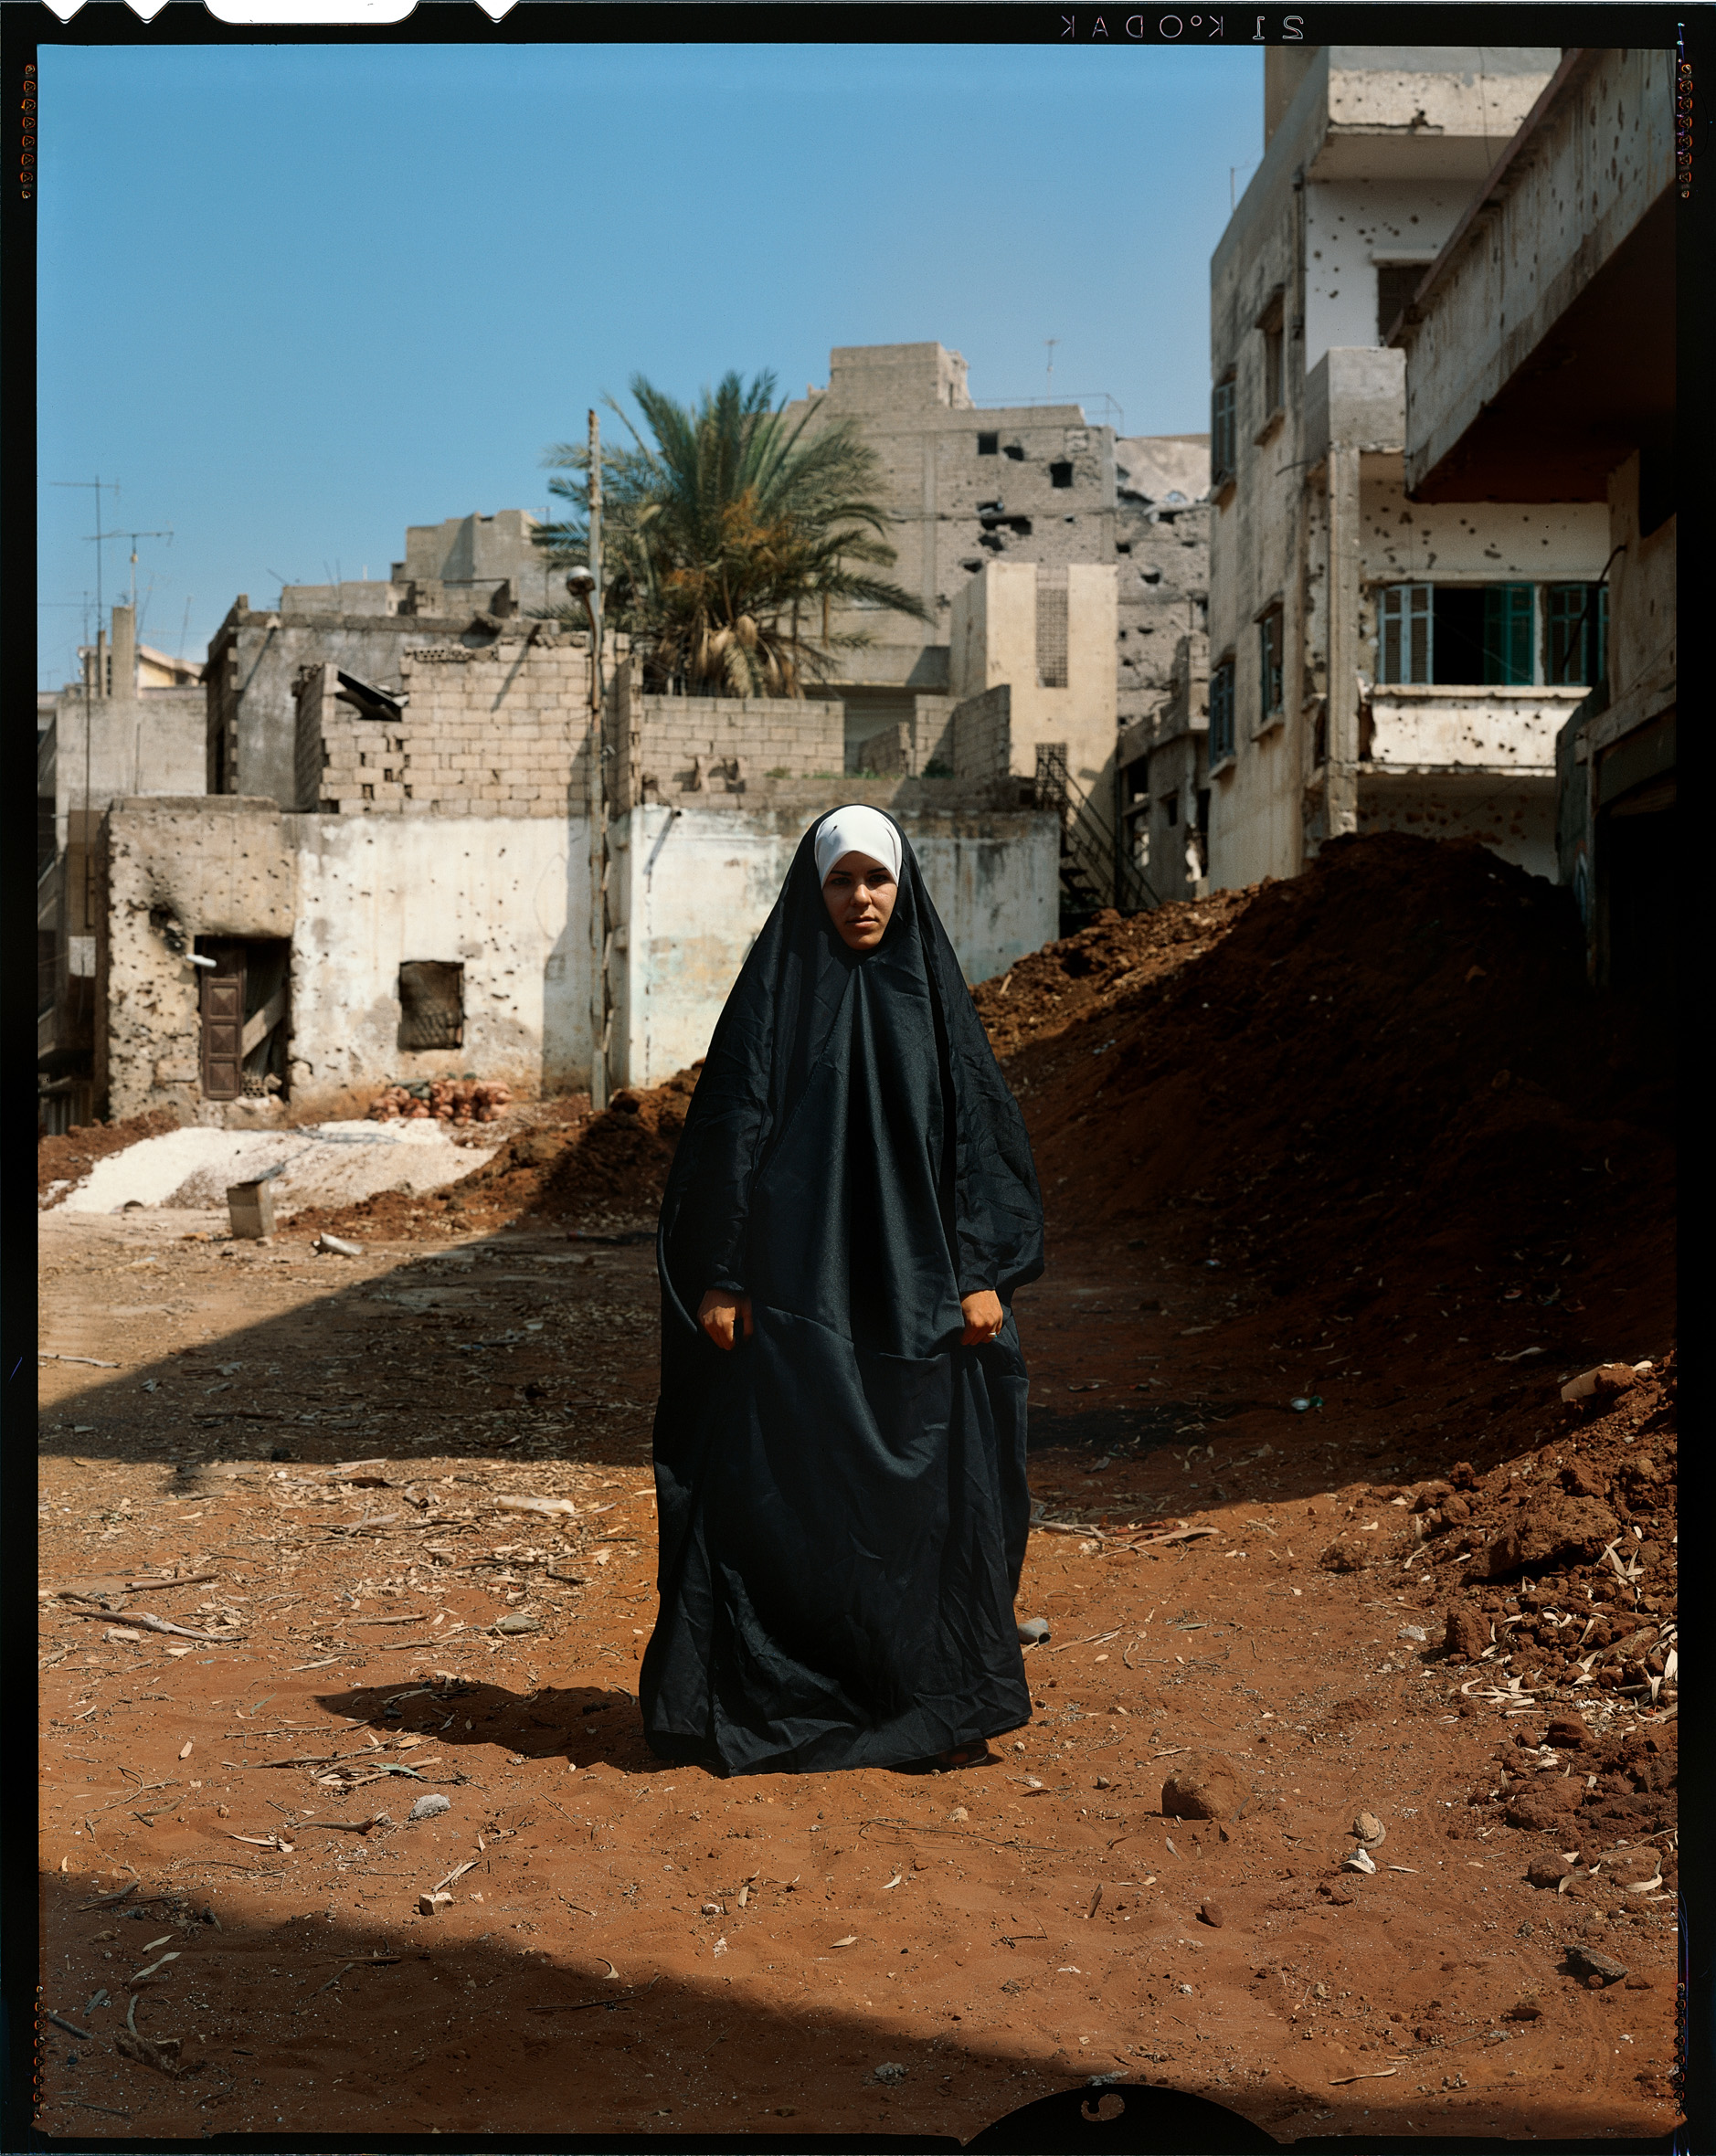 © Yan Morvan.  Le quartier de Chiah est le lieu privilégié des intégristes musulmans de Beyrouth. Les femmes sont obligées de porter le tchador, suivant les règles coraniques dictées par les chiites